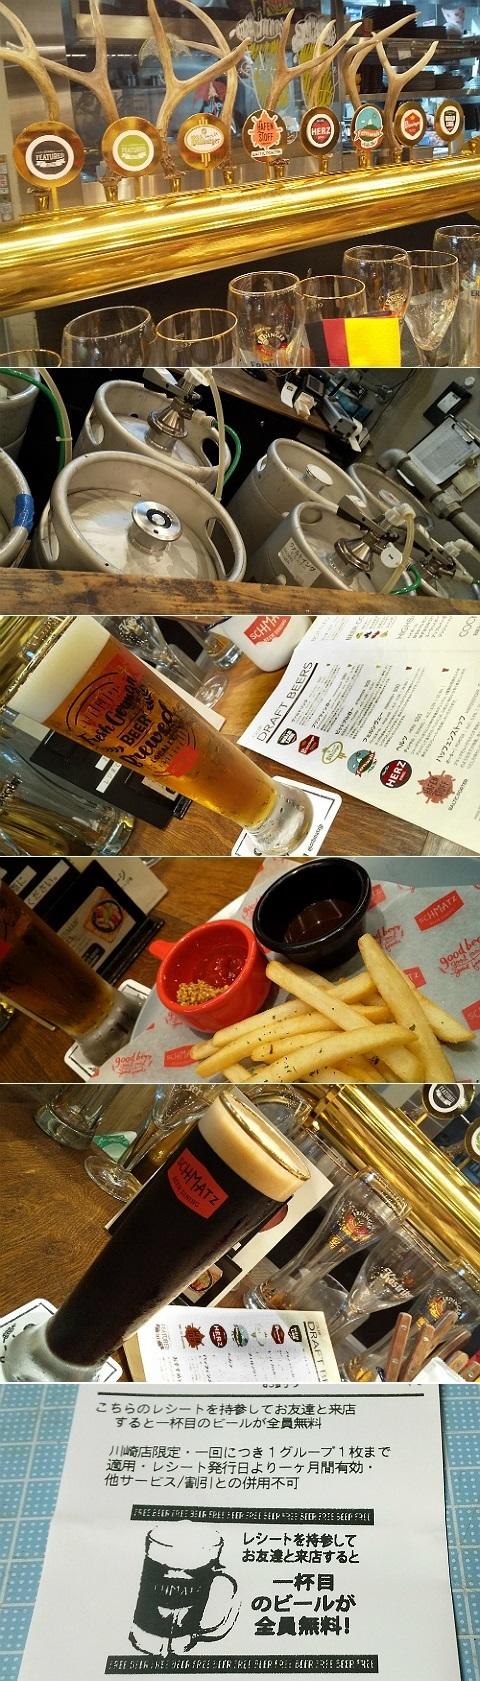 SCHMATZ BEER DINING 川崎 @川崎アゼリア